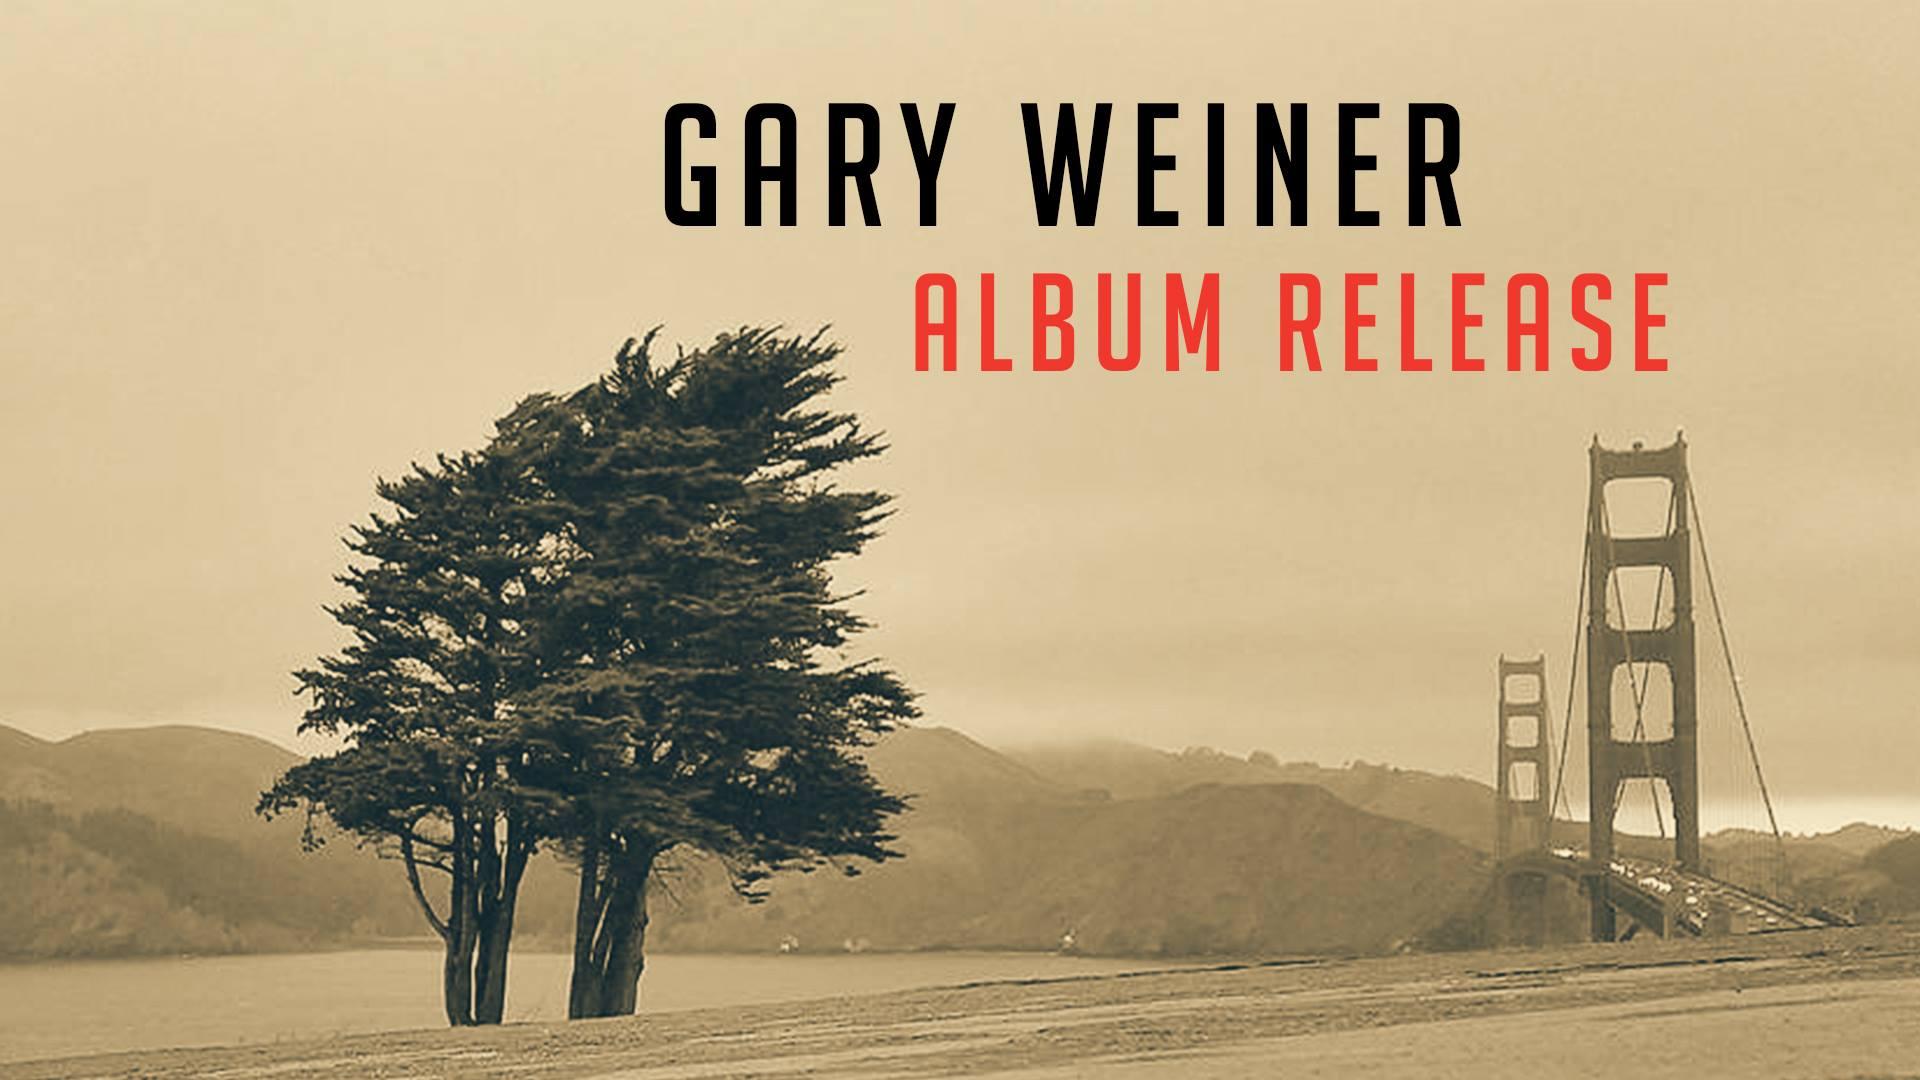 Gary-Weiner-Album-Release.jpg